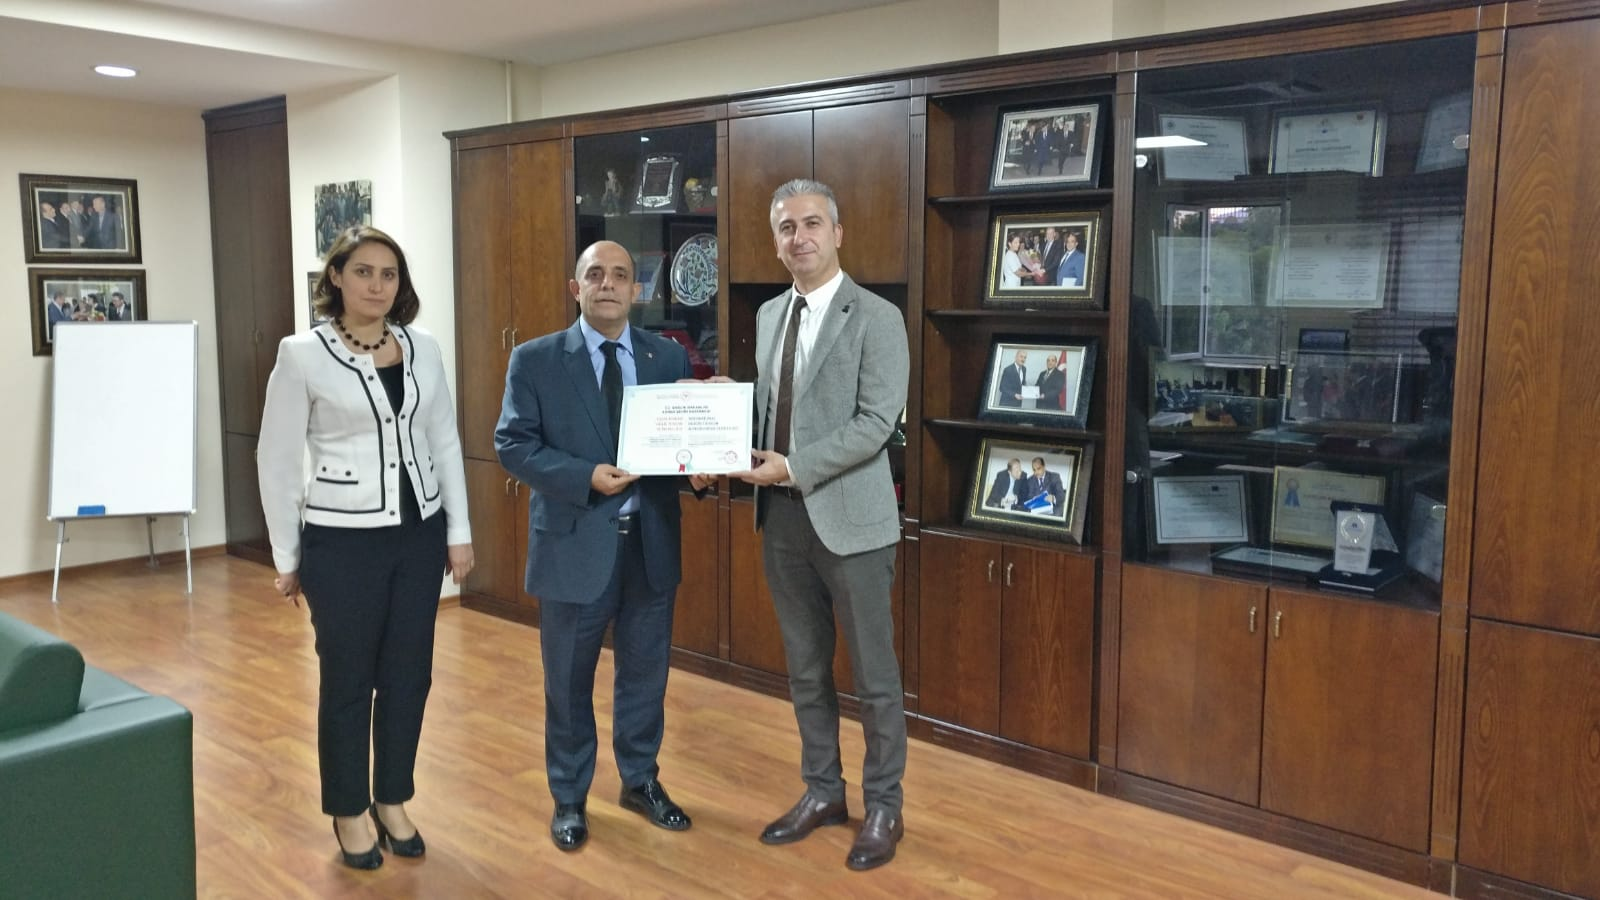 Adana Şehir Hastanesi ve Başkent Hastanesi'ne Sağlık Turizmi Yetki Belgeleri Verildi